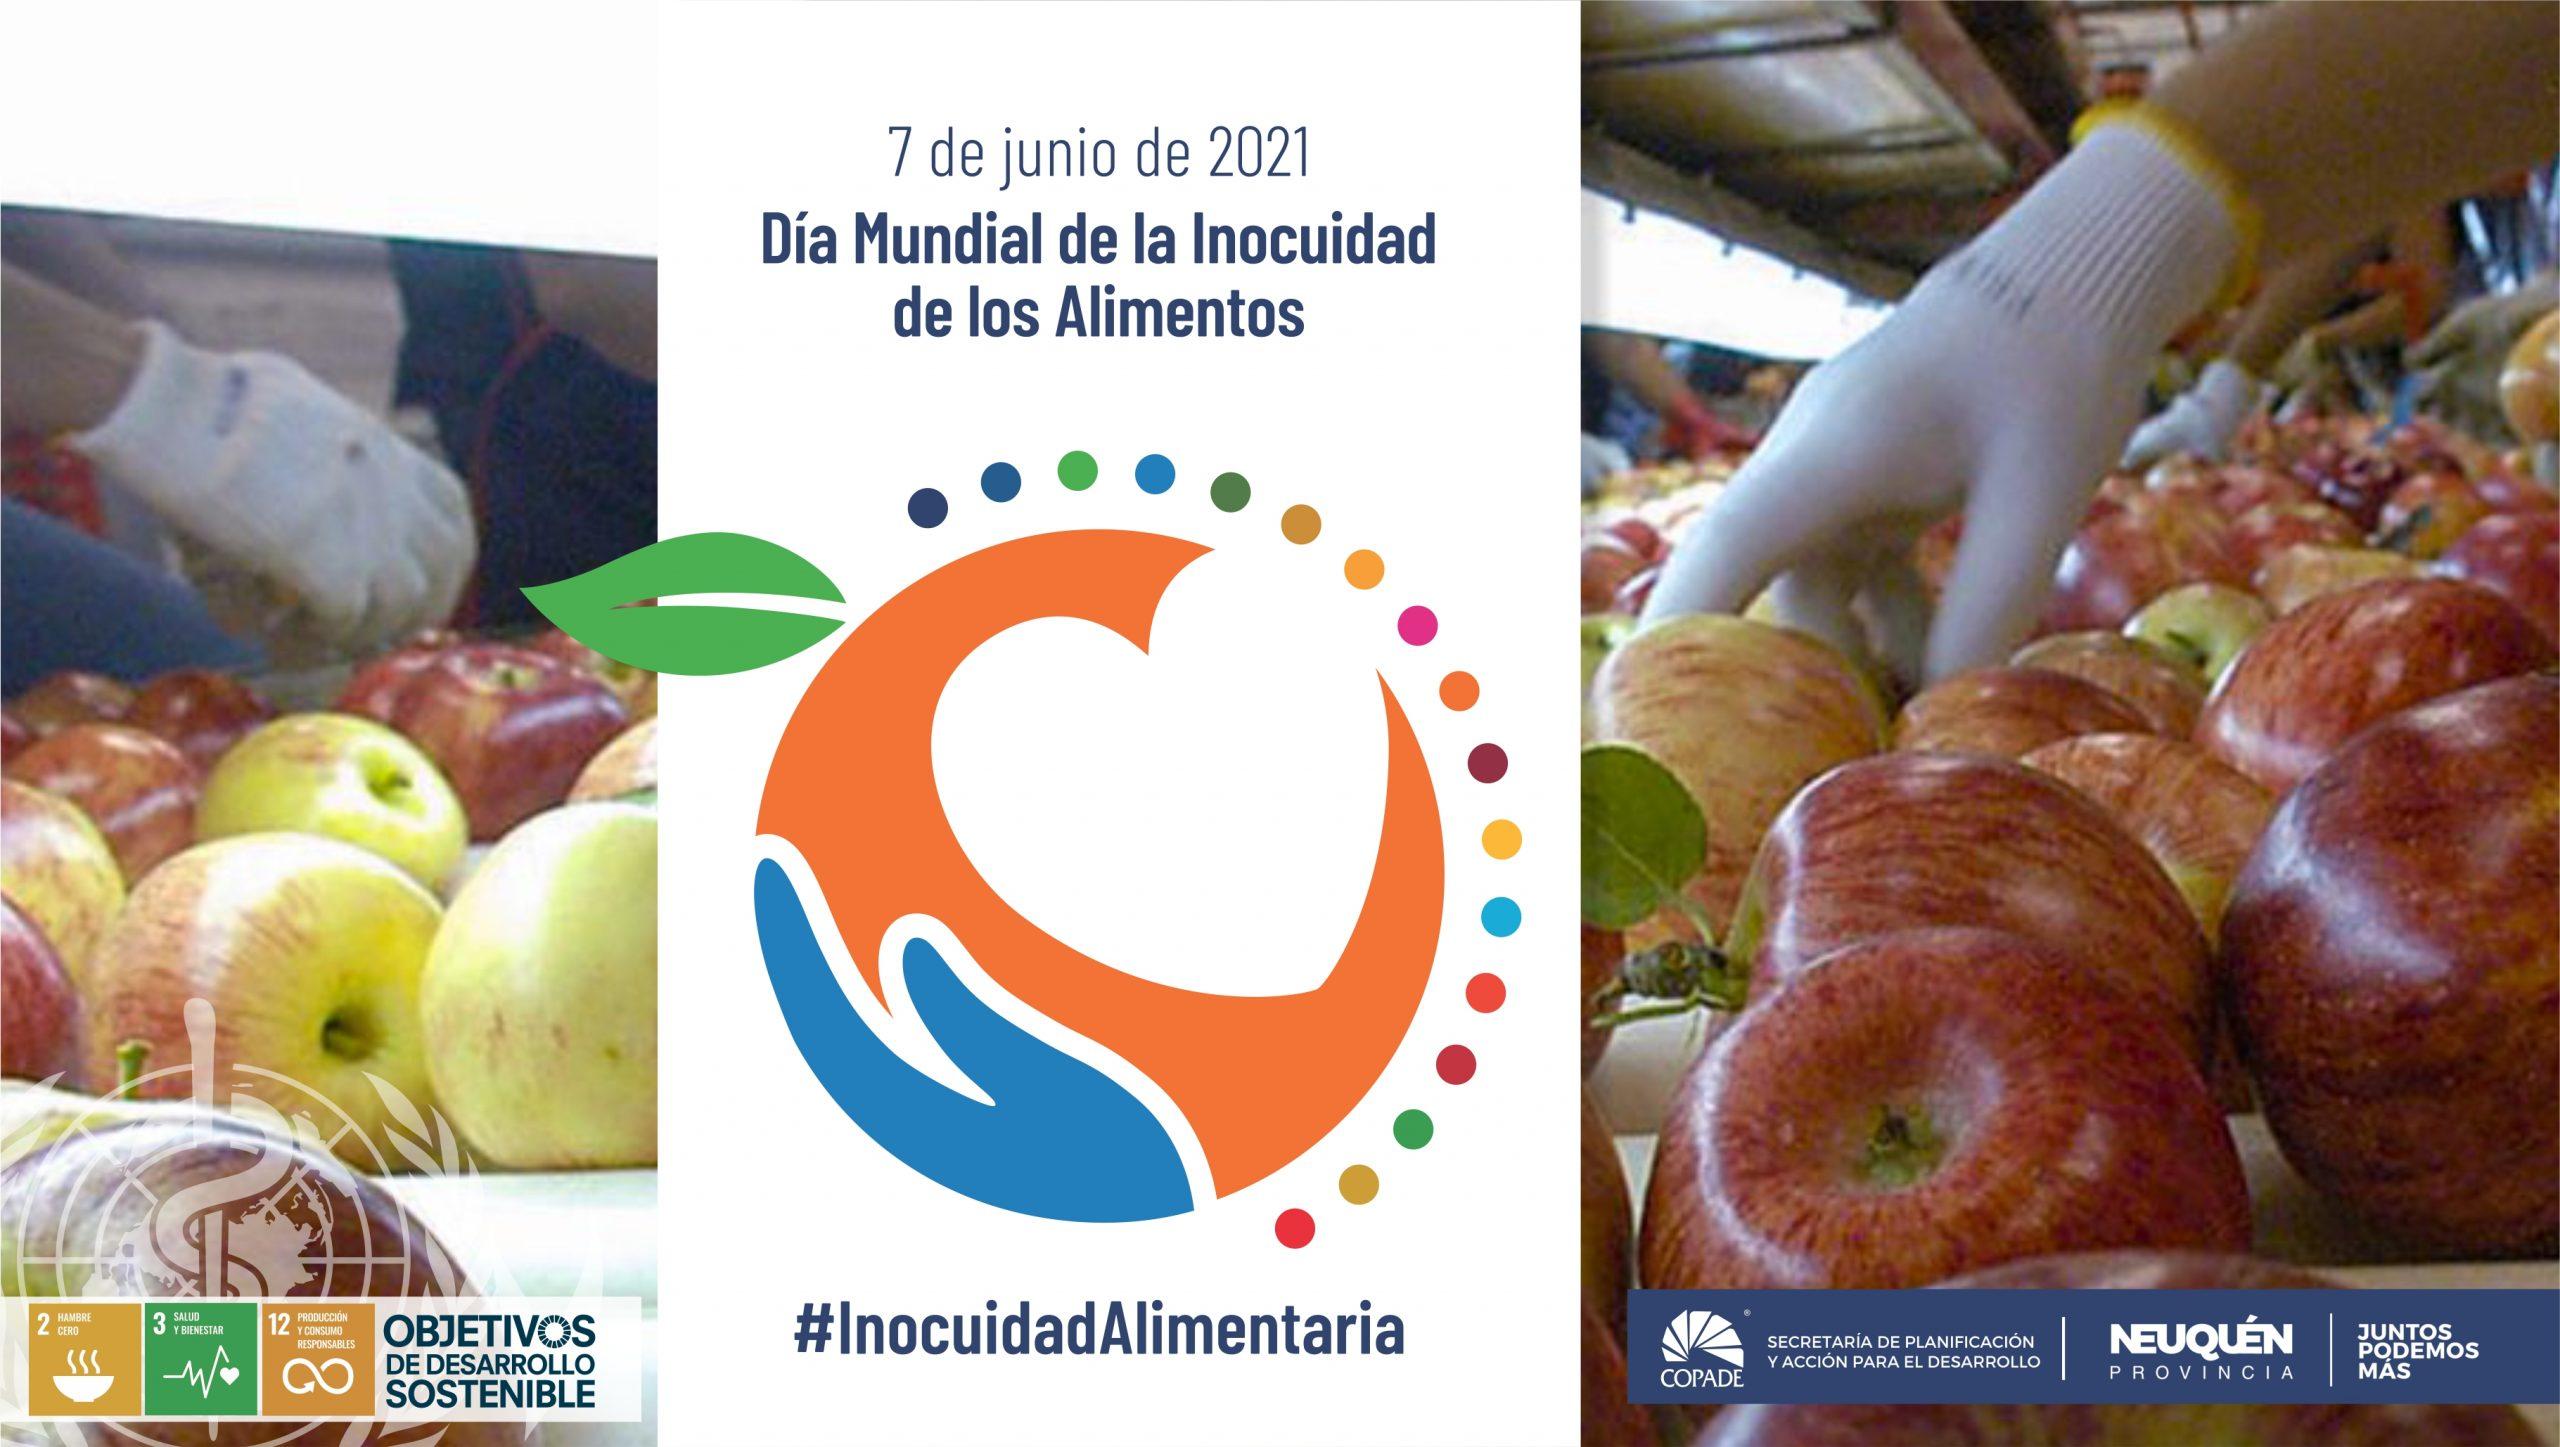 Día Internacional de la Inocuidad de los Alimentos